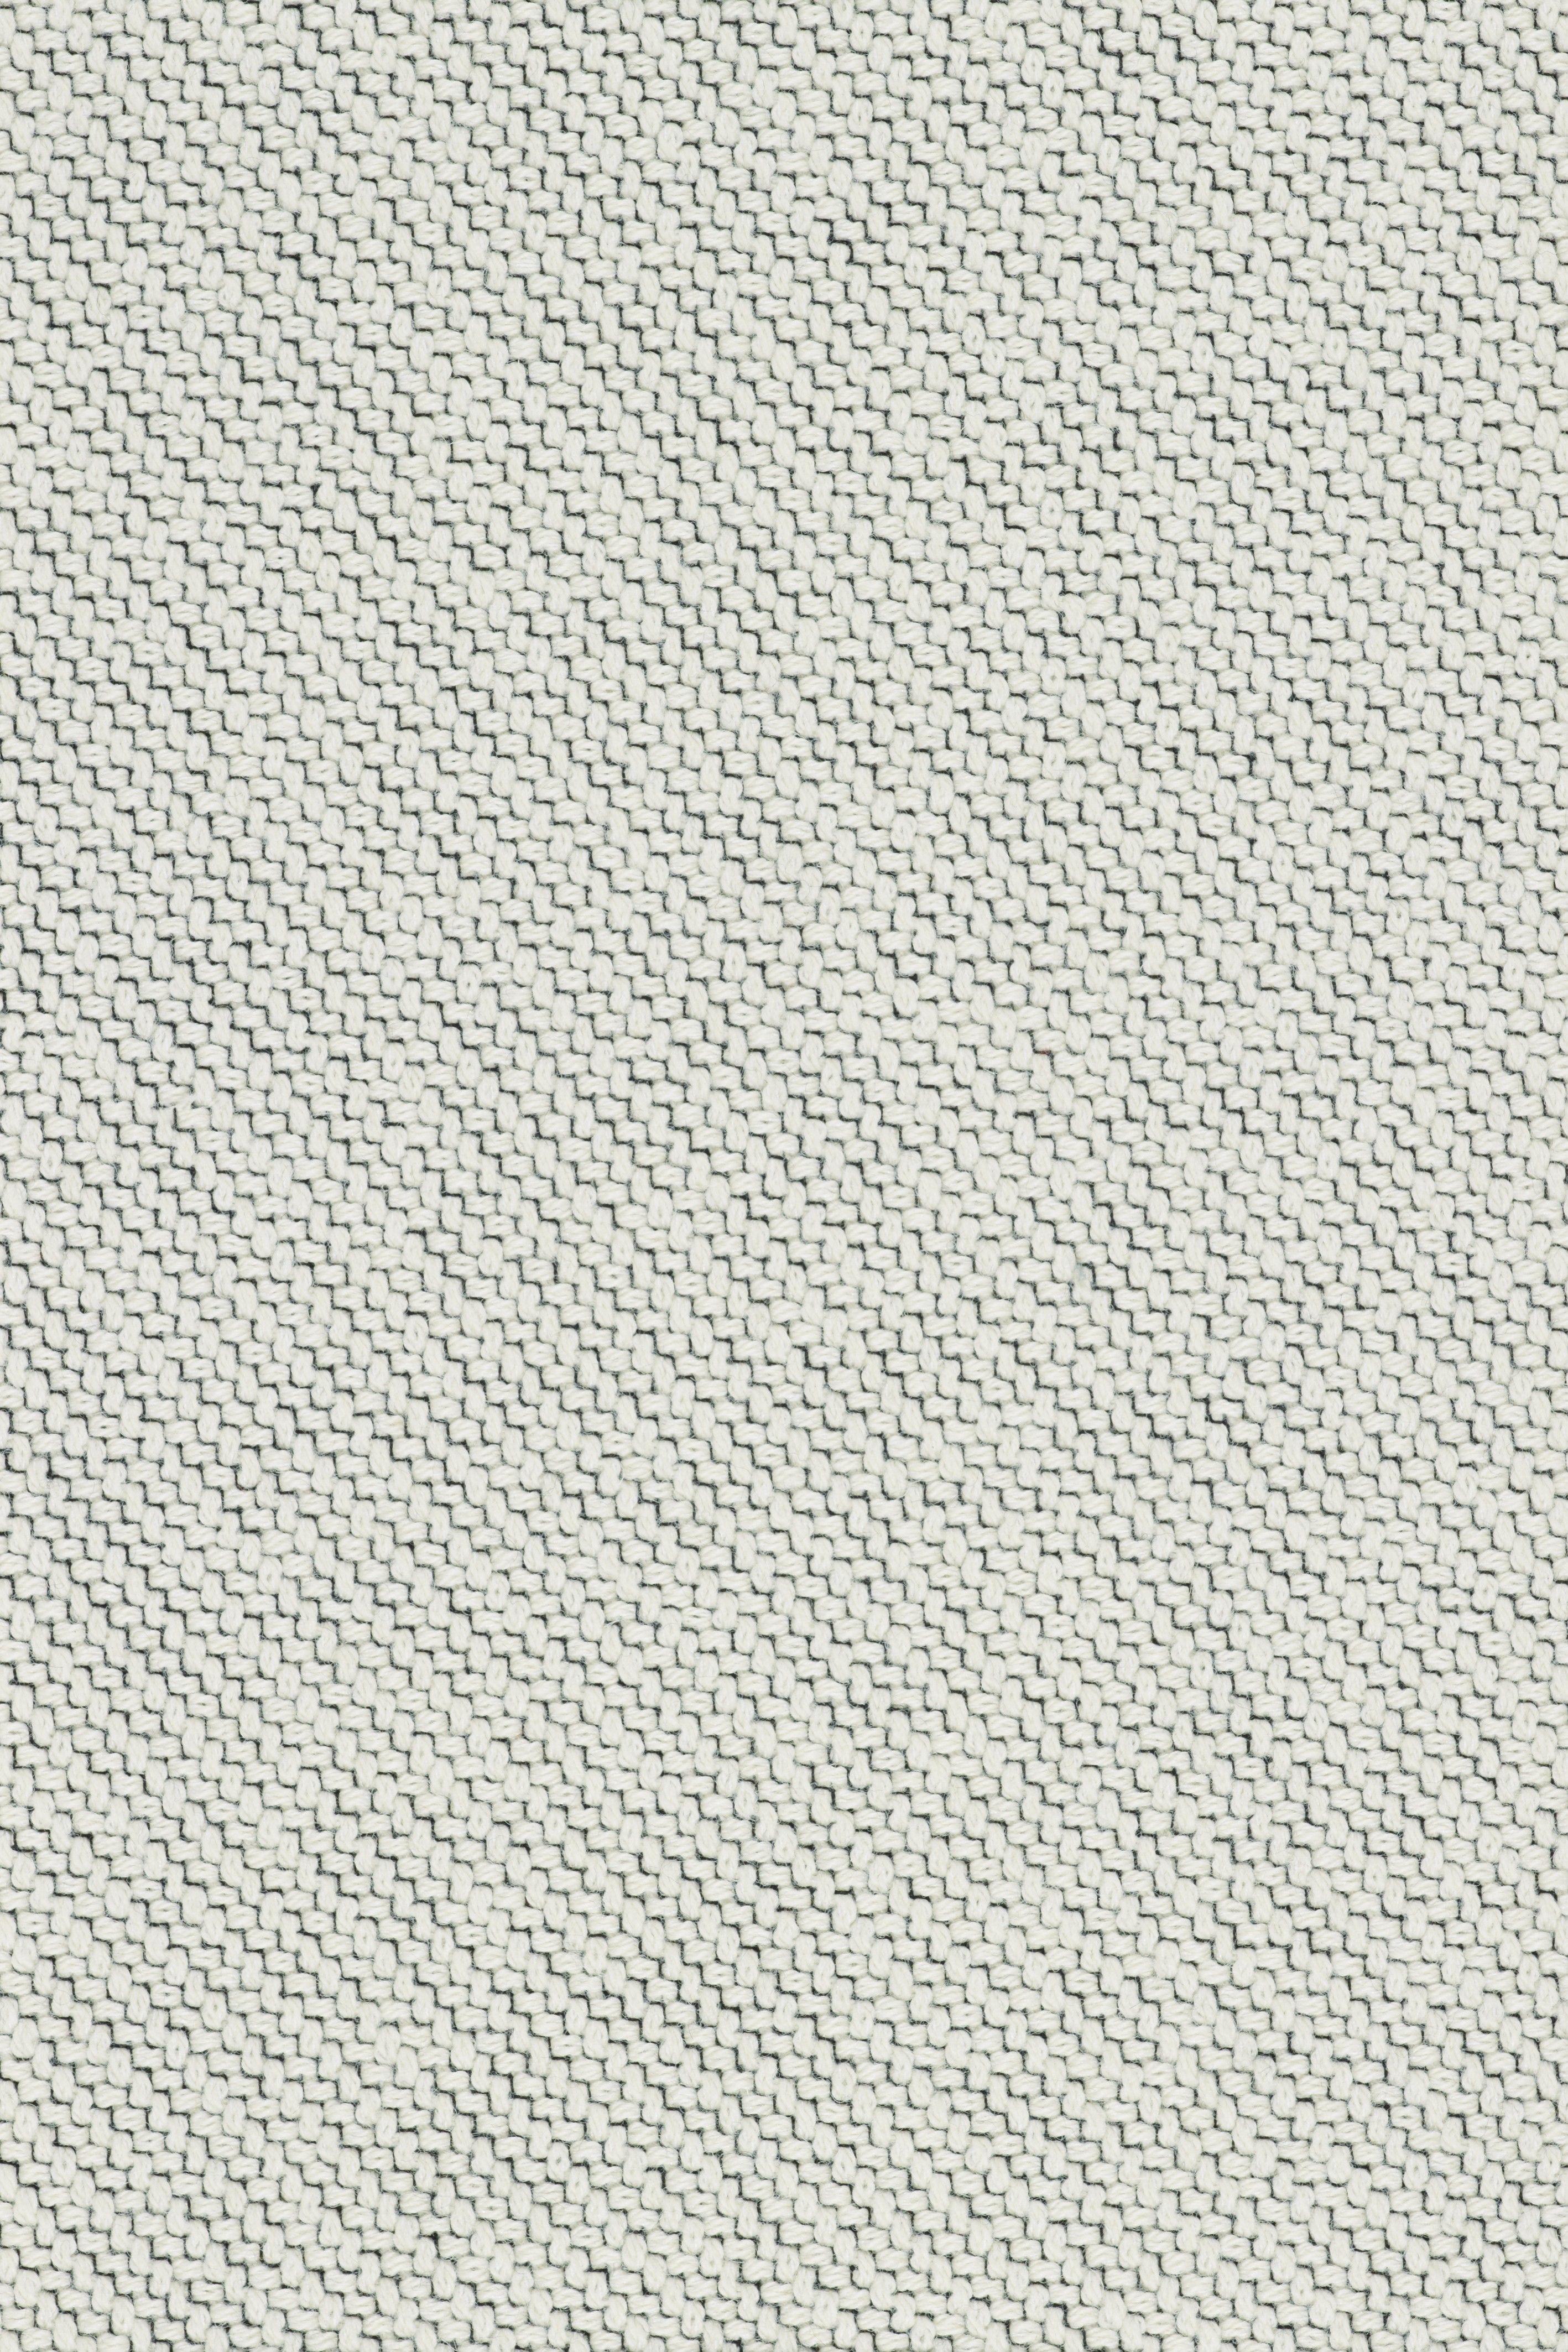 Kvadrat Textiles Coda  Kvadrat  Textiles  Pinterest